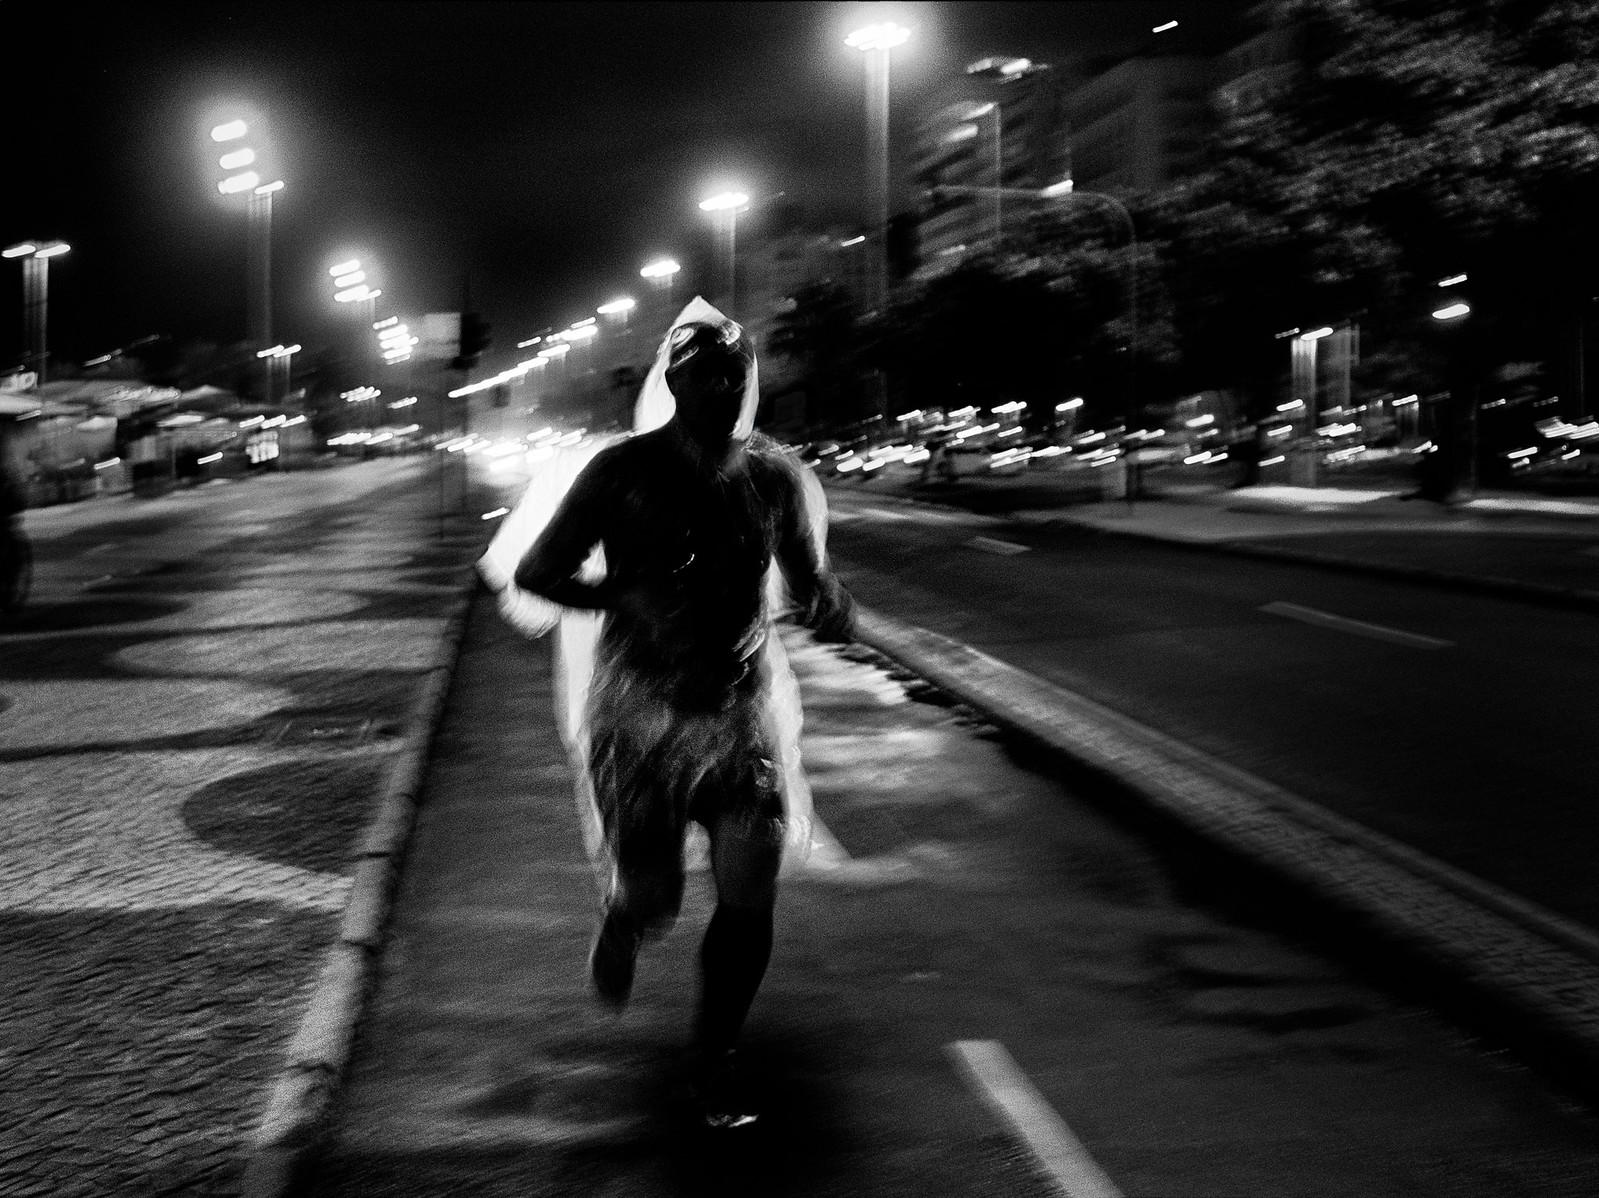 Running | by tzen xing